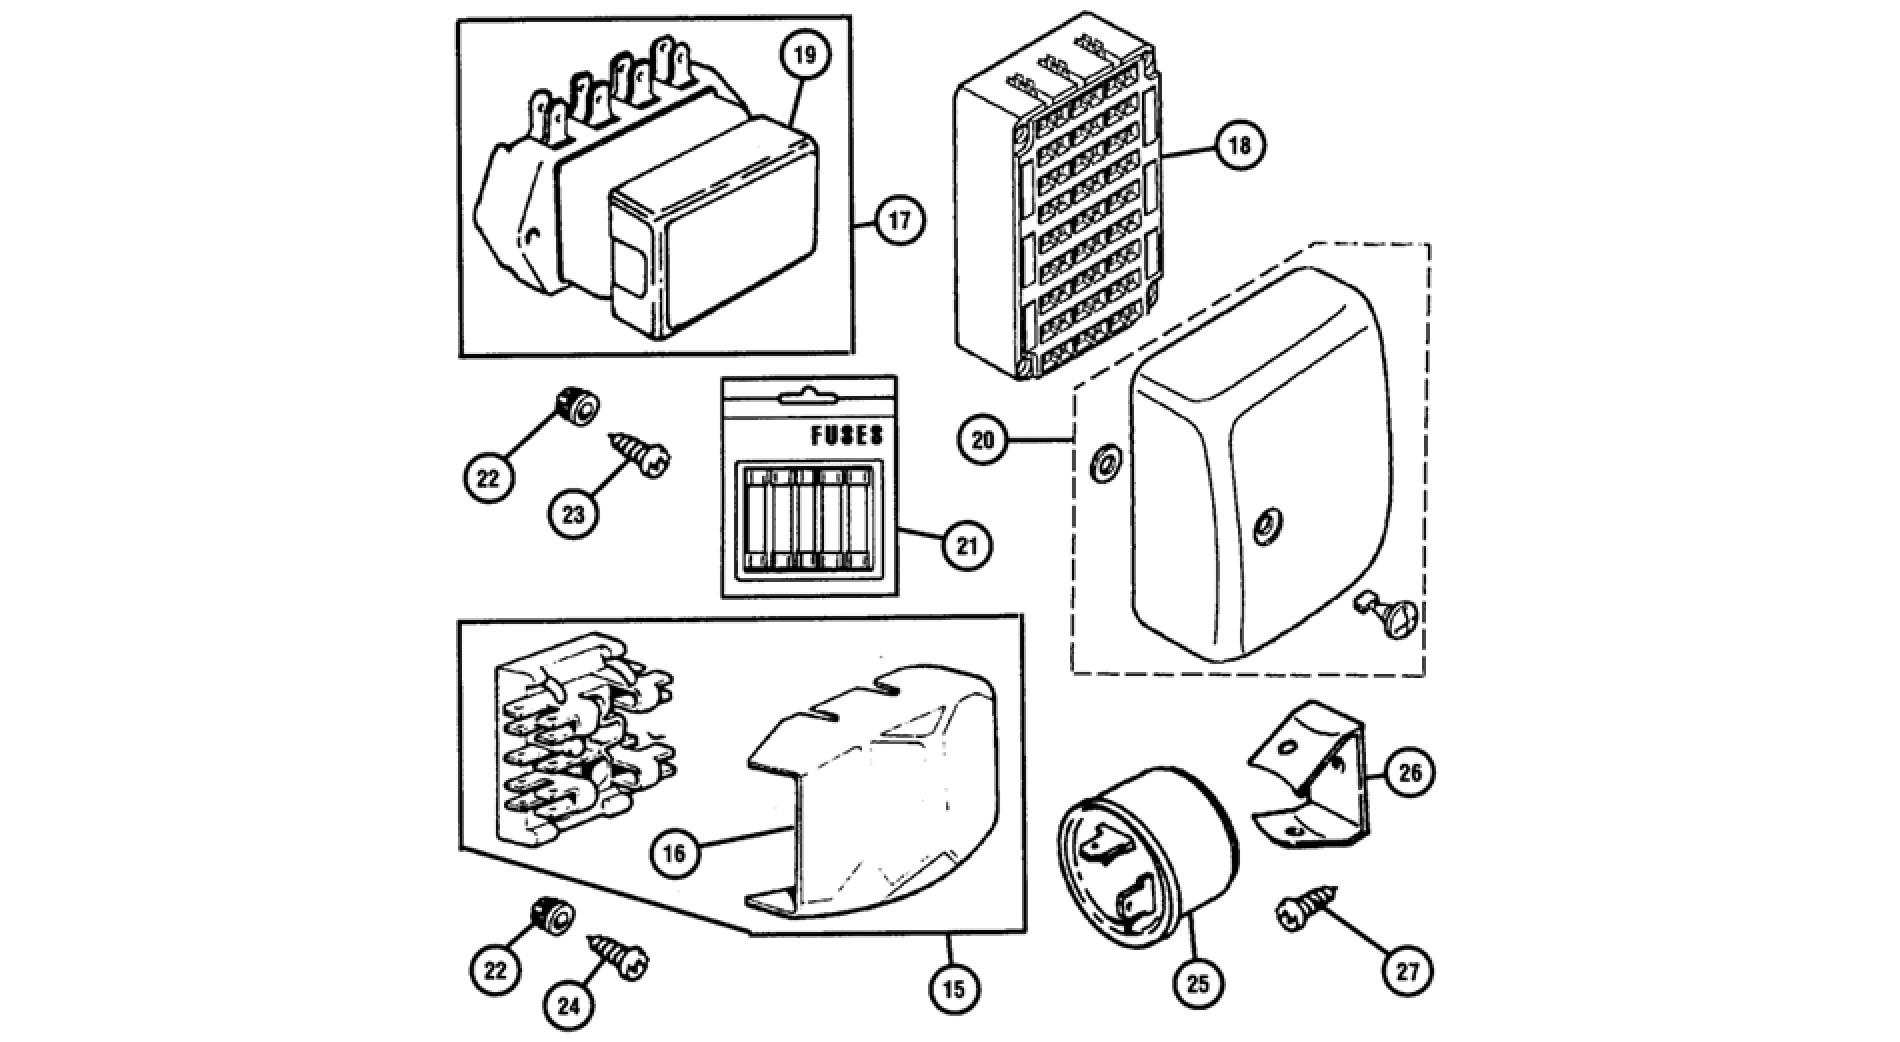 Fuse Box Fuses Amp Flasher Units